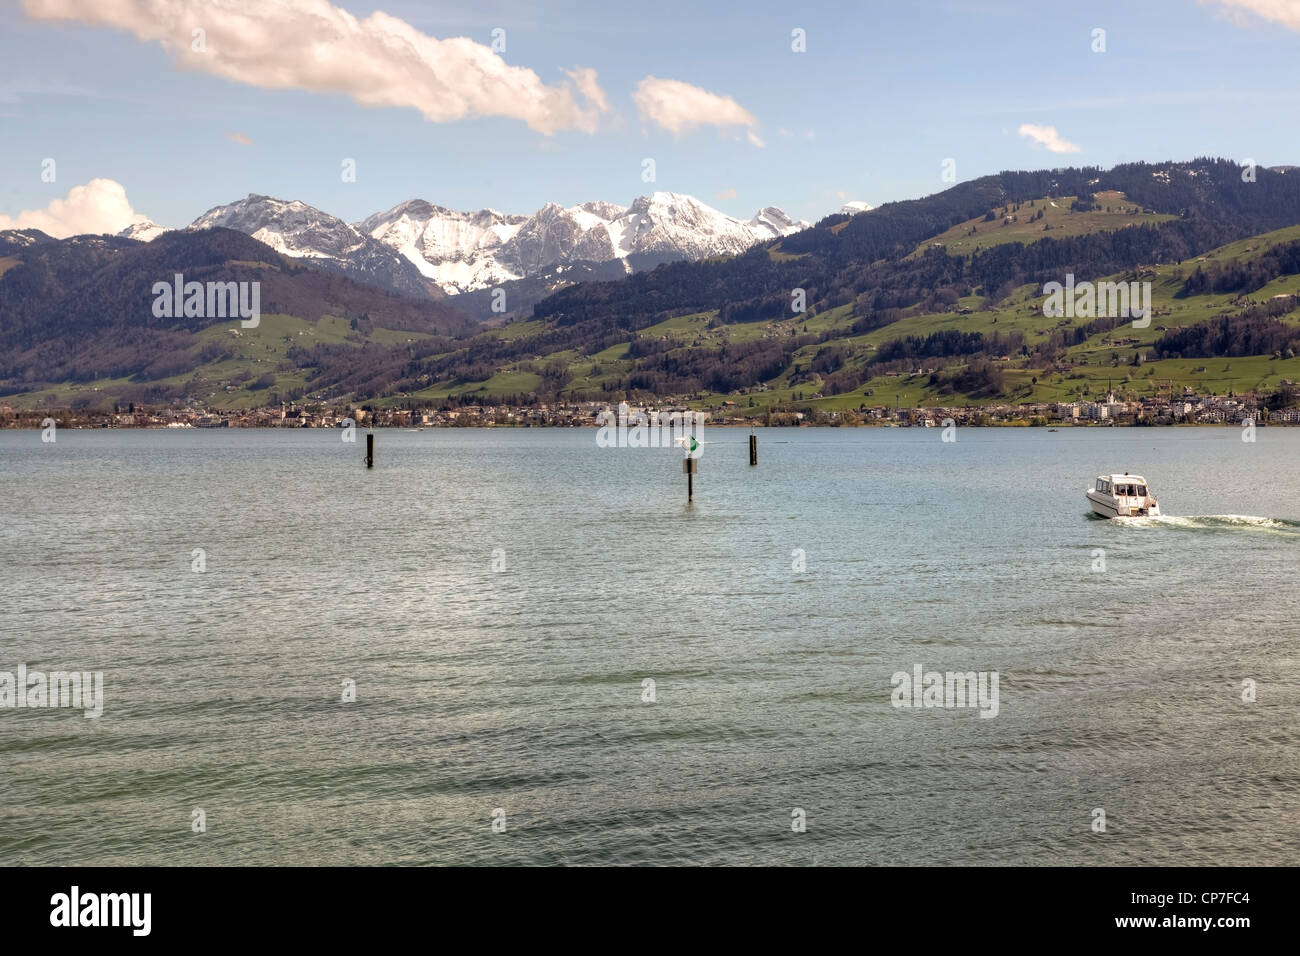 Upper Lake, Lake Zurich, Rapperswil, St. Gallen, Switzerland - Stock Image